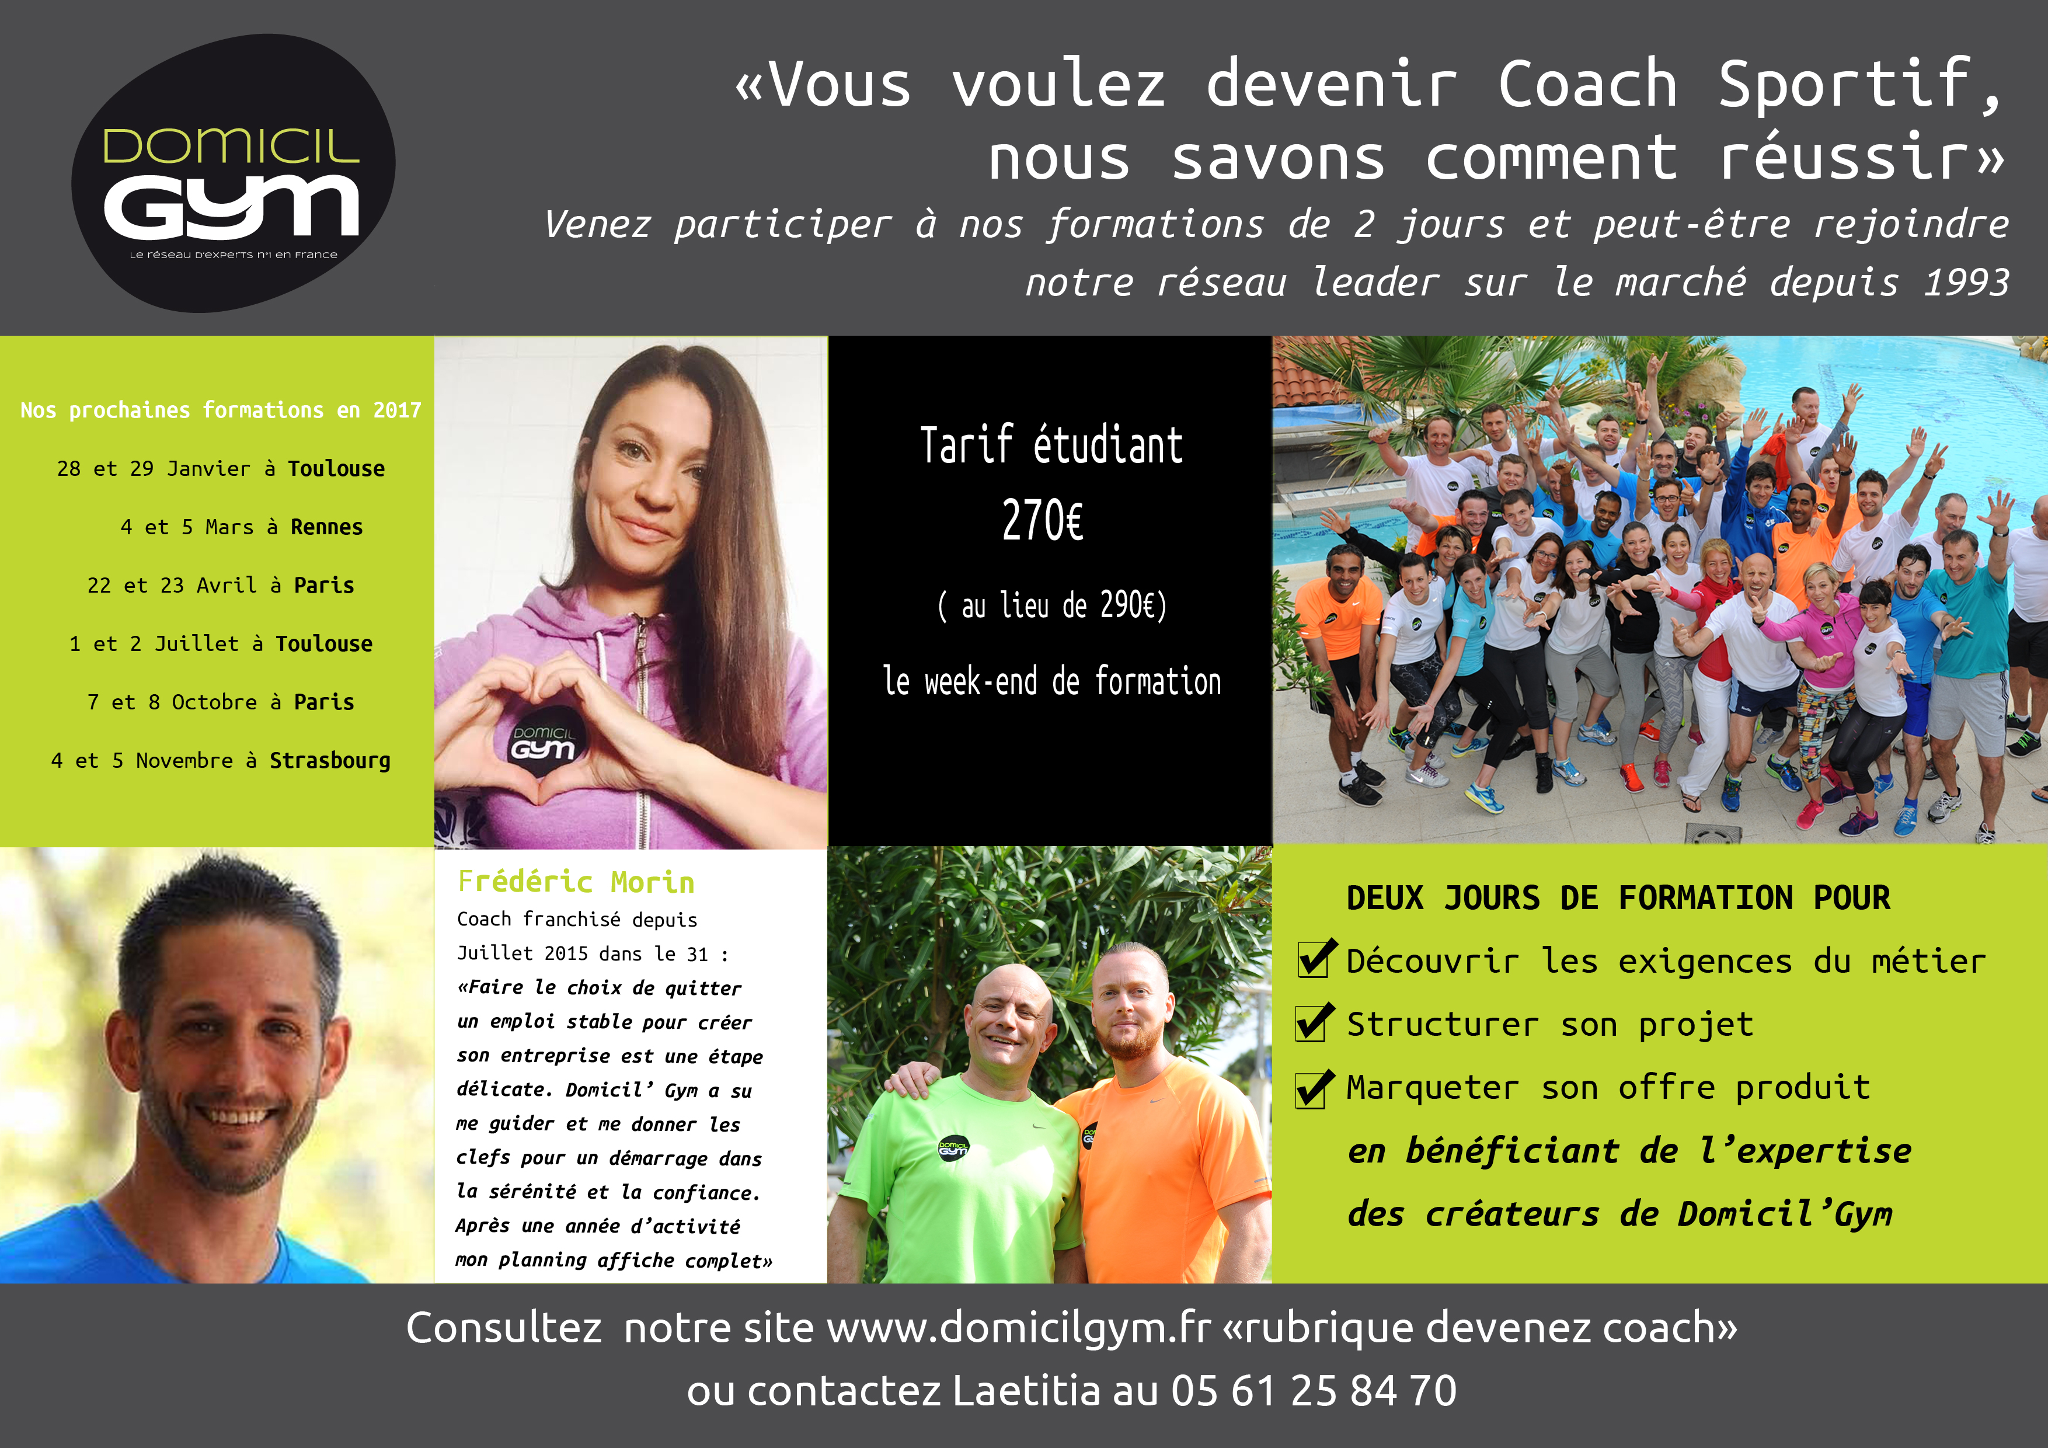 Vous voulez devenir Coach Sportif ?